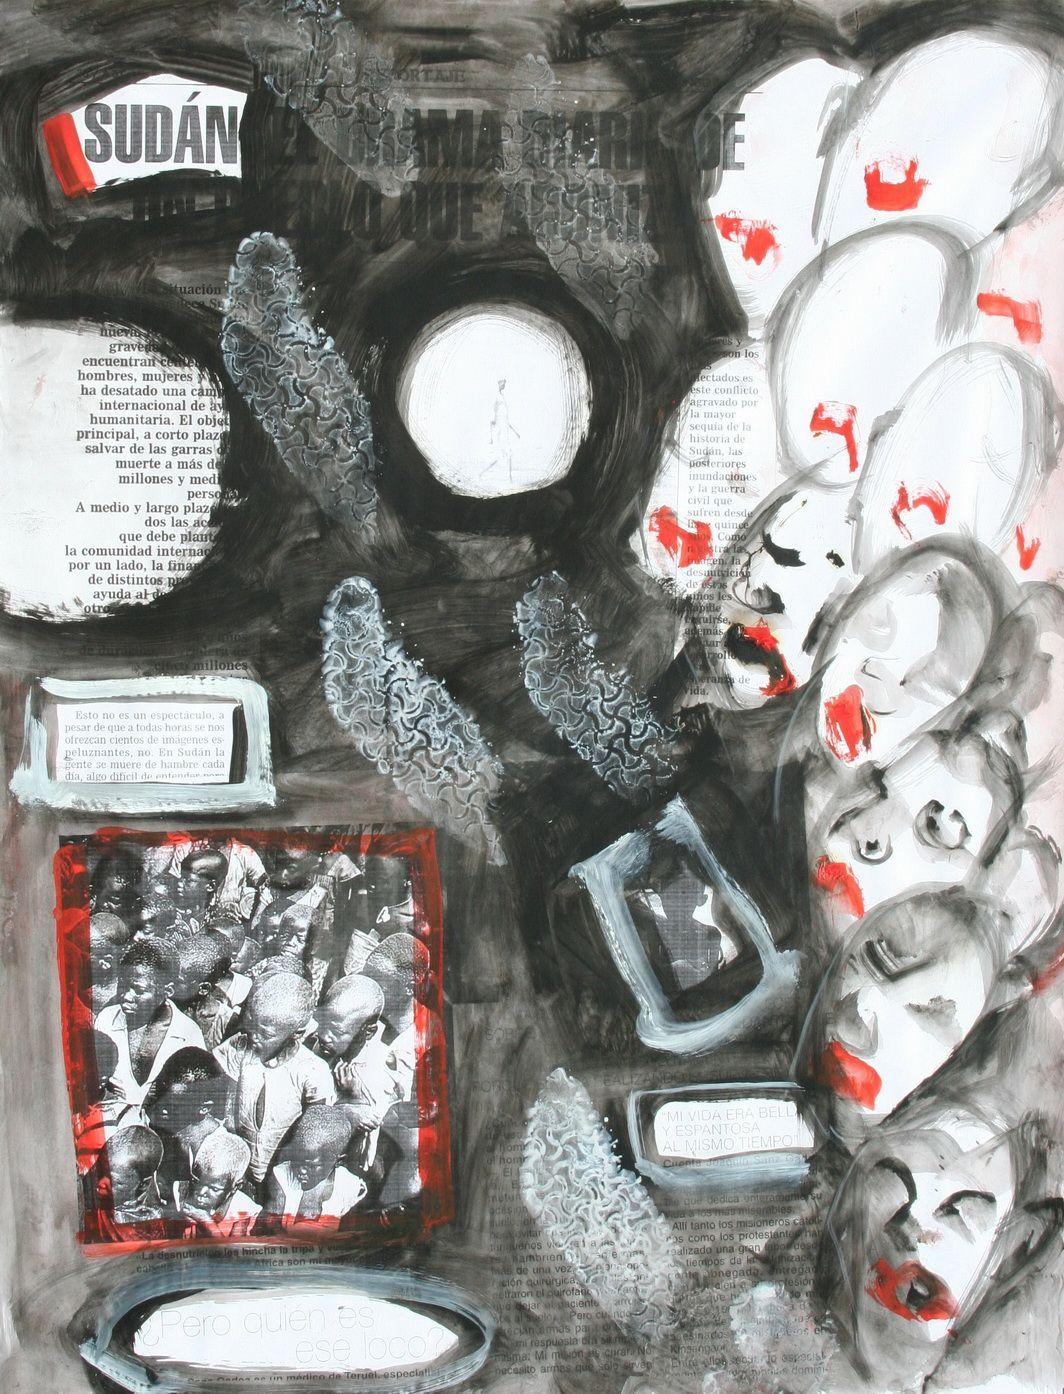 Jorge Rando utiliza desde principios de los 70 sus Papeles de África para atrapar esos registros inmediatos de la realidad. En la obra que presenciamos el artista utiliza como fondo la noticia de un periódico y colabora con su mensaje enfatizándolo. Imágenes y palabras comparten espacio en una realidad pisoteada. Un rostro mira hasta que sus rasgos se van desvaneciendo. Sobre el papel, imágenes y palabras… la gente se muere de hambre… esto no es espectáculo.